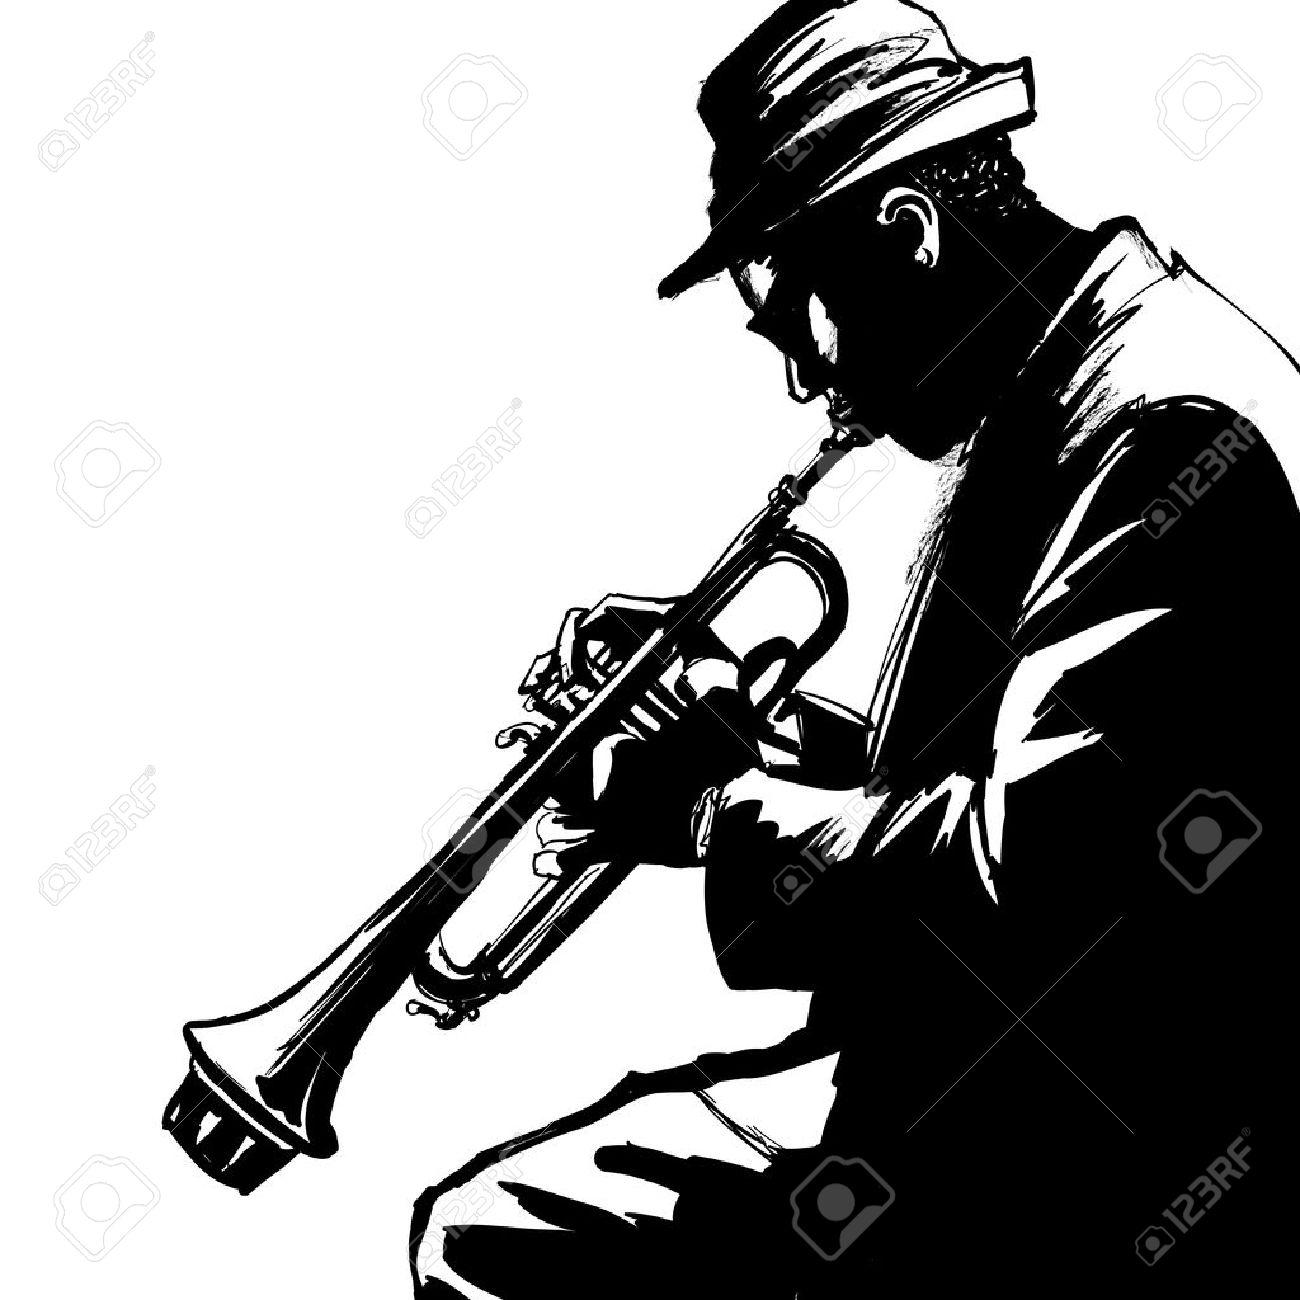 ジャズ トランペット プレーヤー ベクトル イラストのイラスト素材